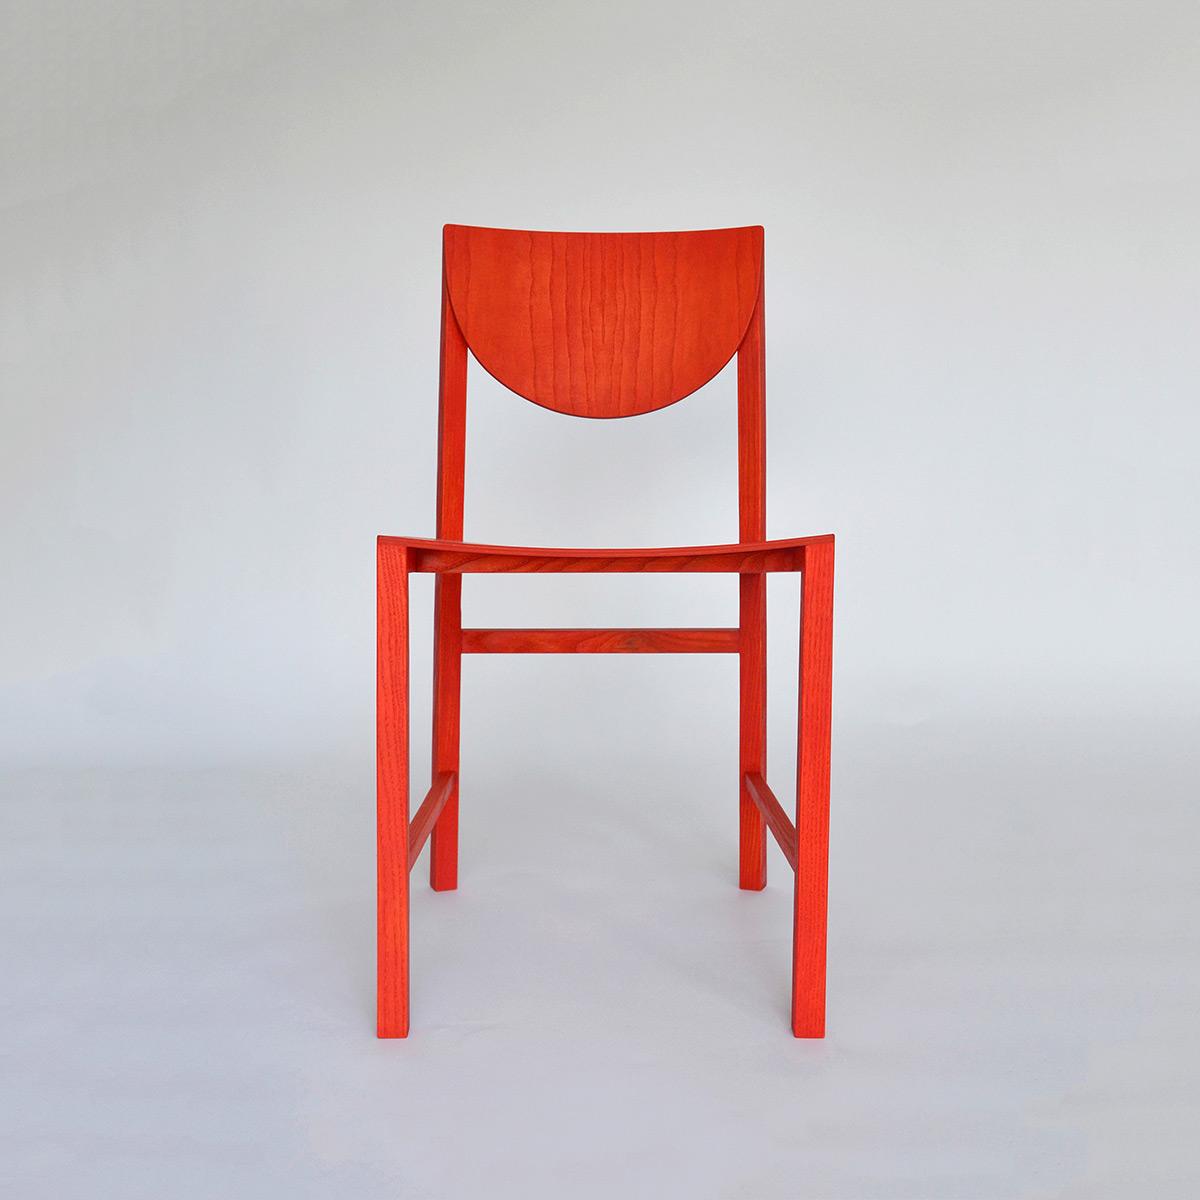 UU-Chair-Mette-Schelde-01